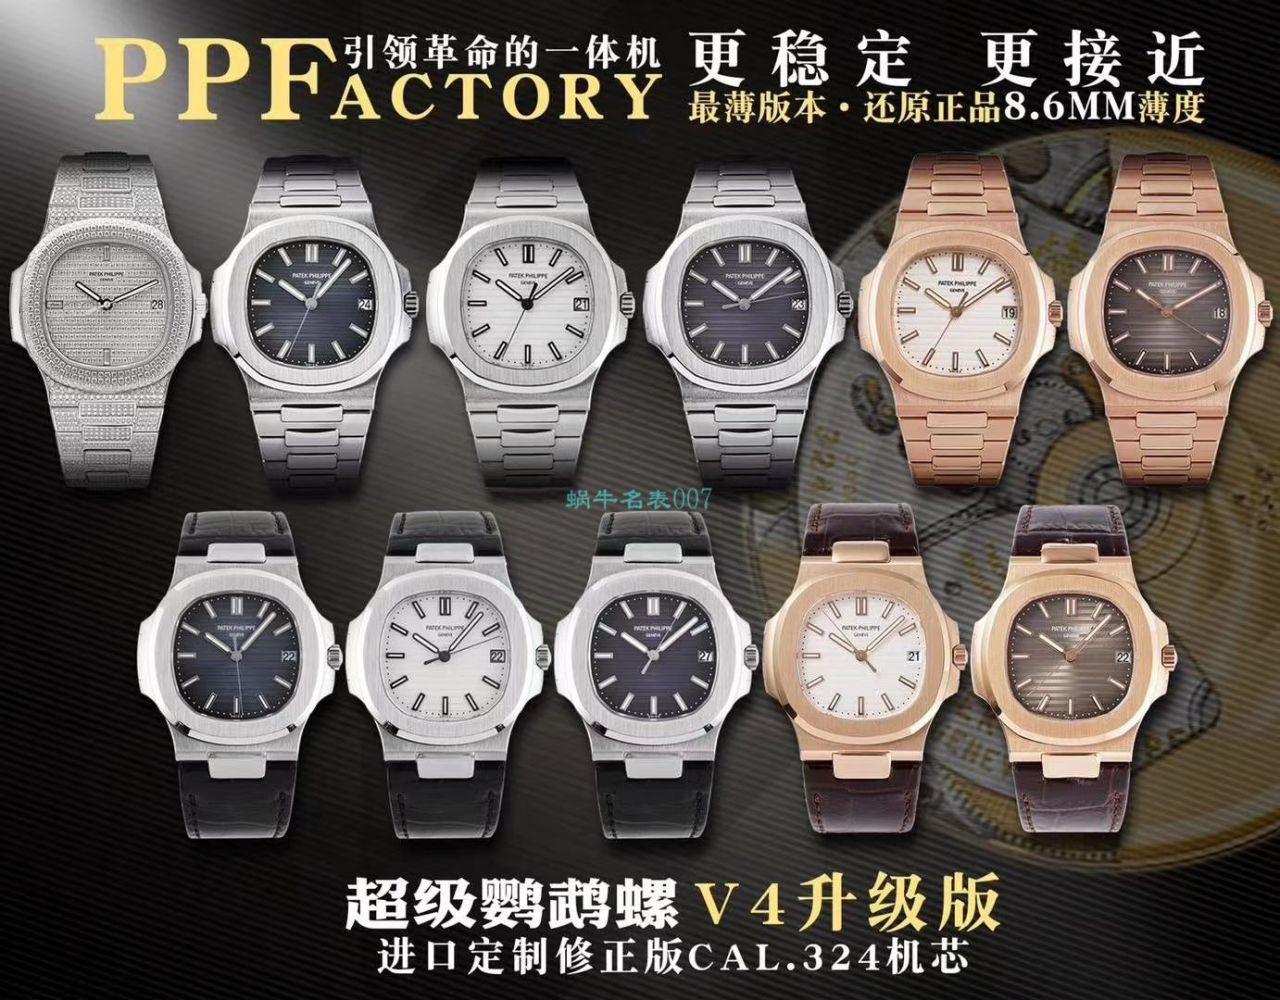 PPF厂V4版本【视频评测】百达翡丽鹦鹉螺5711/1A-010复刻手表 / PPF5711V4fukebiao